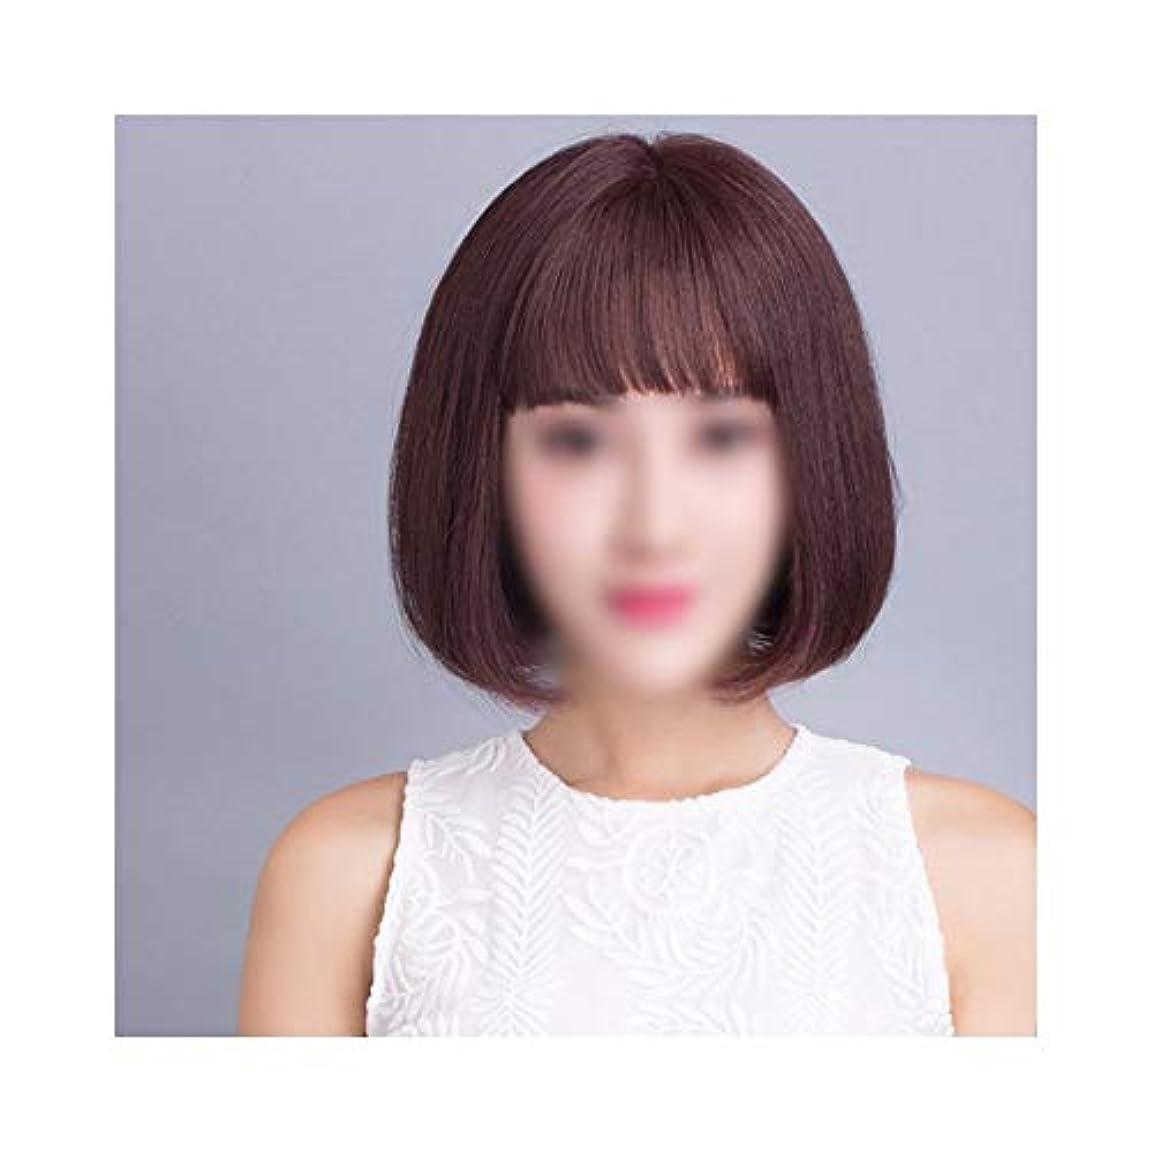 オペラ願望シルエットYOUQIU エア前髪ウィッグウィッグで女子ショートヘアレアル髪ボブウィッグ (色 : Hand-woven top heart - dark brown)